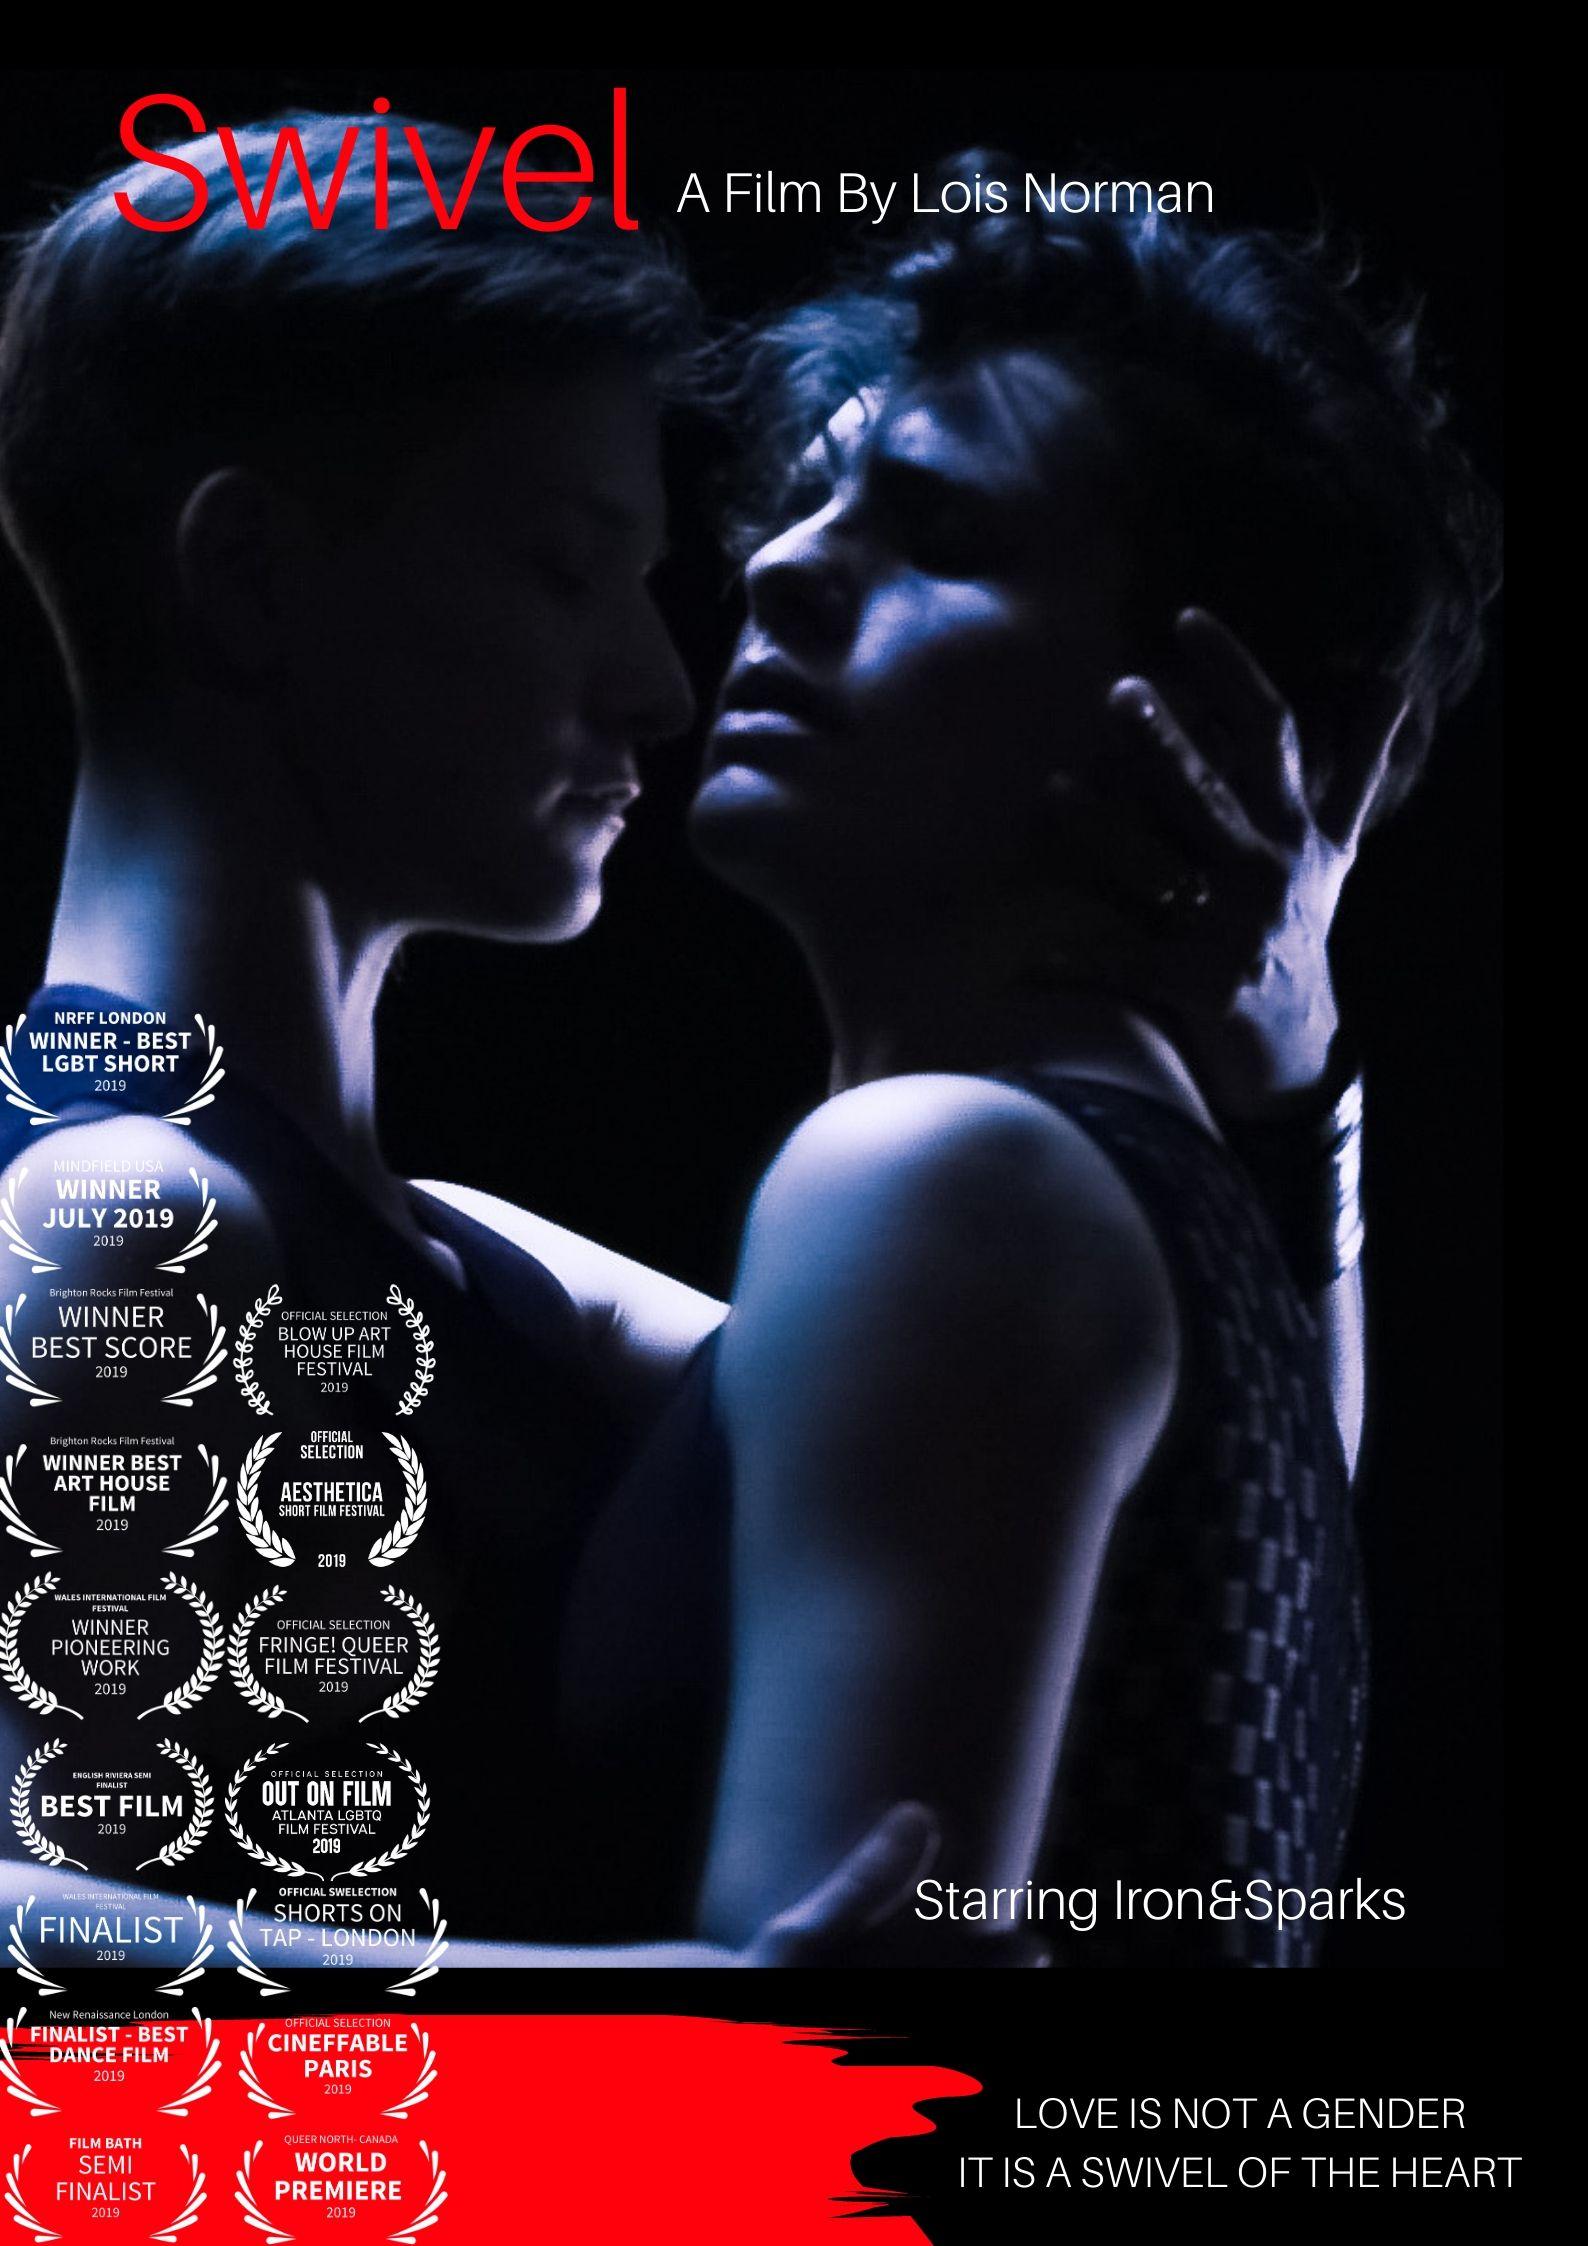 Swivel film poster